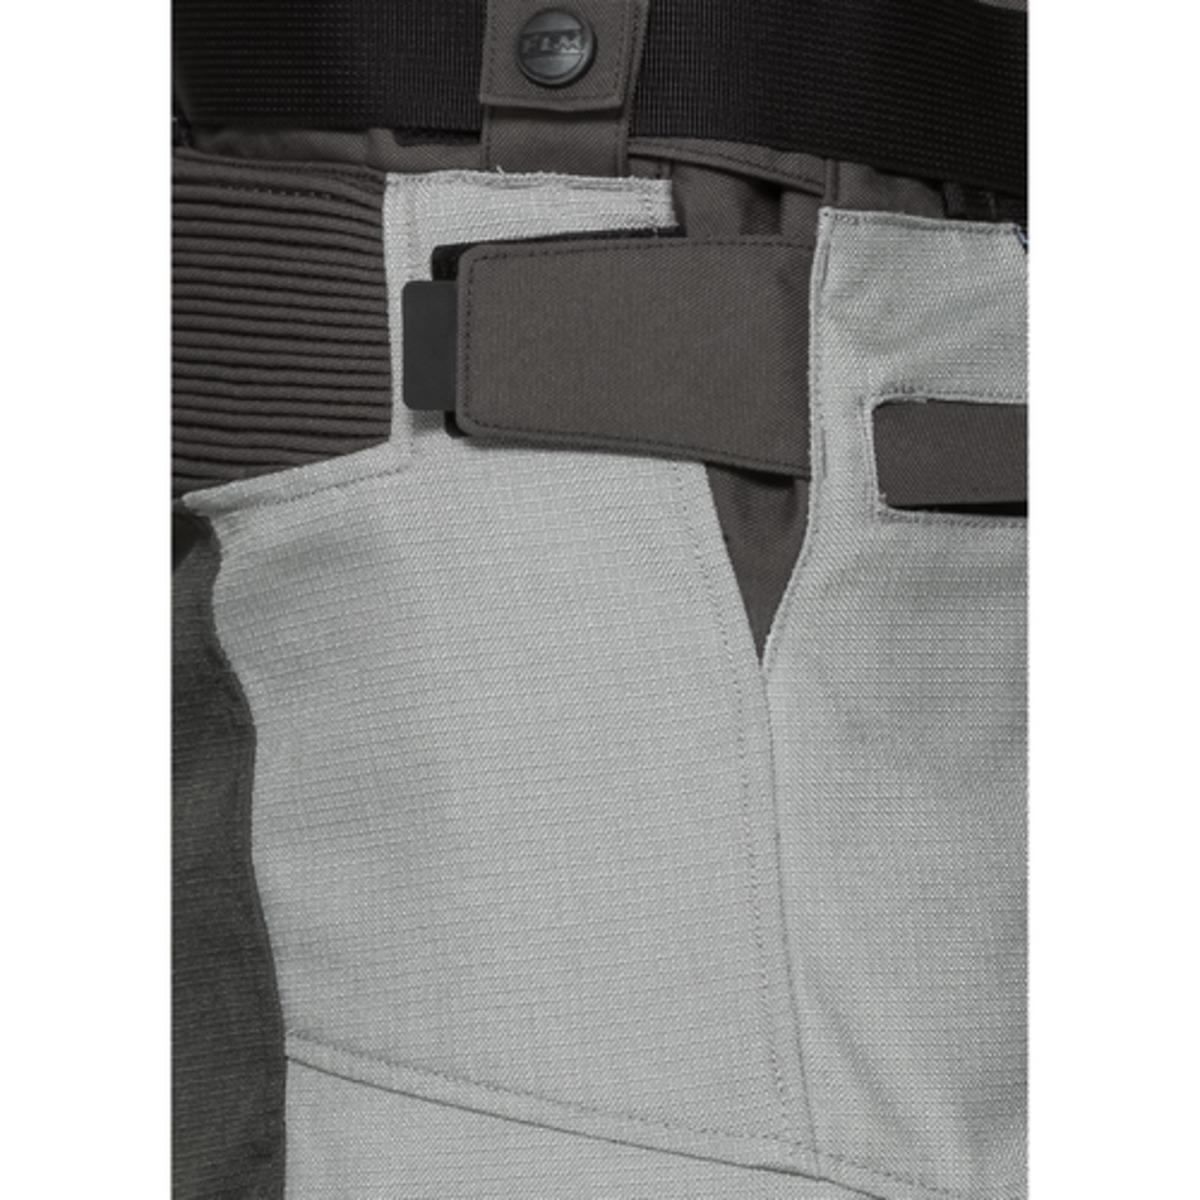 Bild 4 von Touren Leder-/Textilhose 4.0